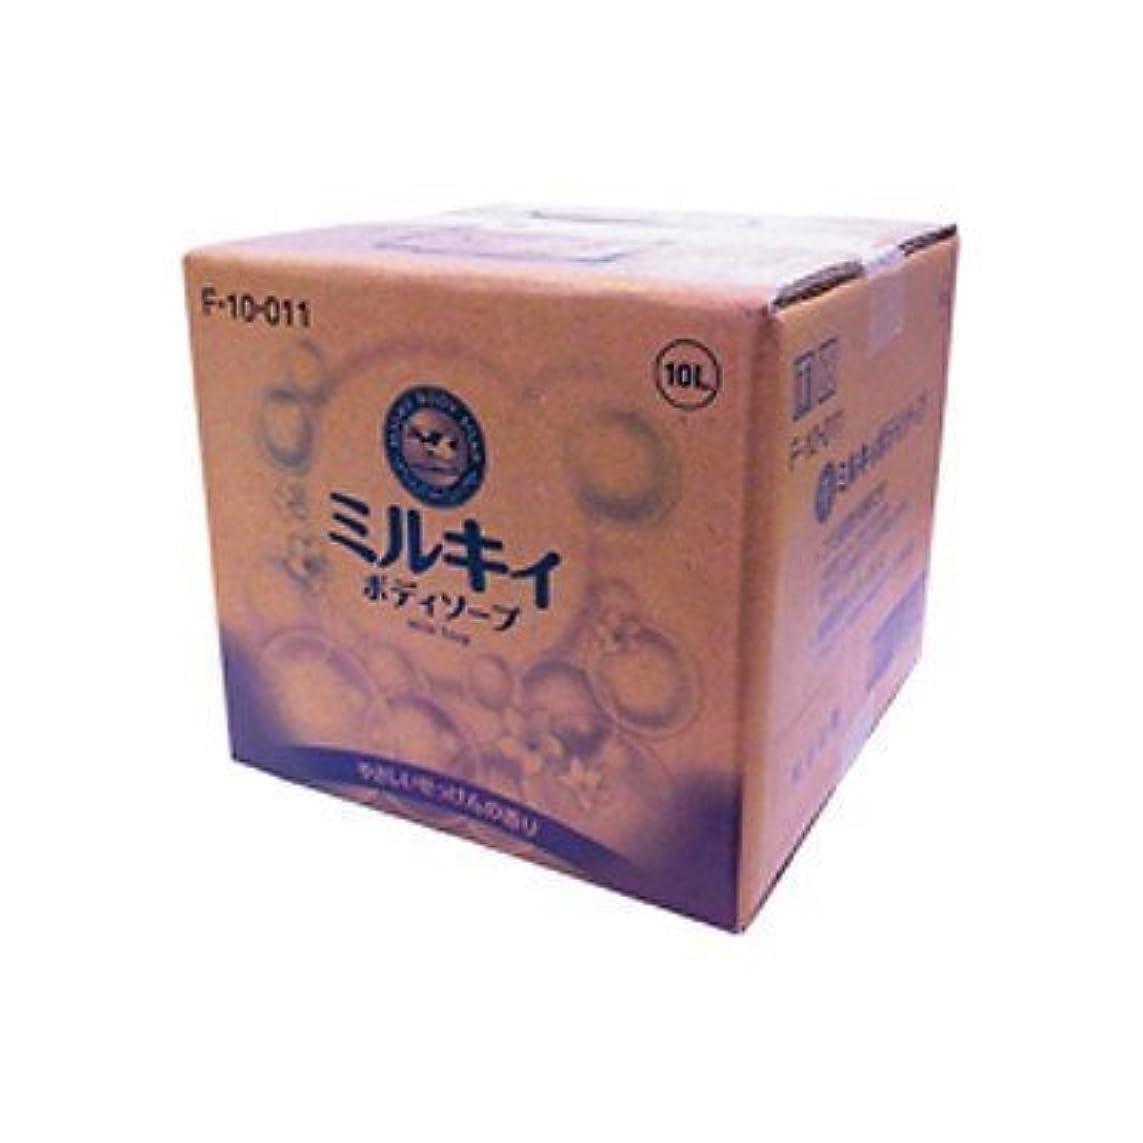 独占内訳吸収牛乳石鹸 ミルキィボディソープ 業務用 279605 00022378 【まとめ買い3個セット】